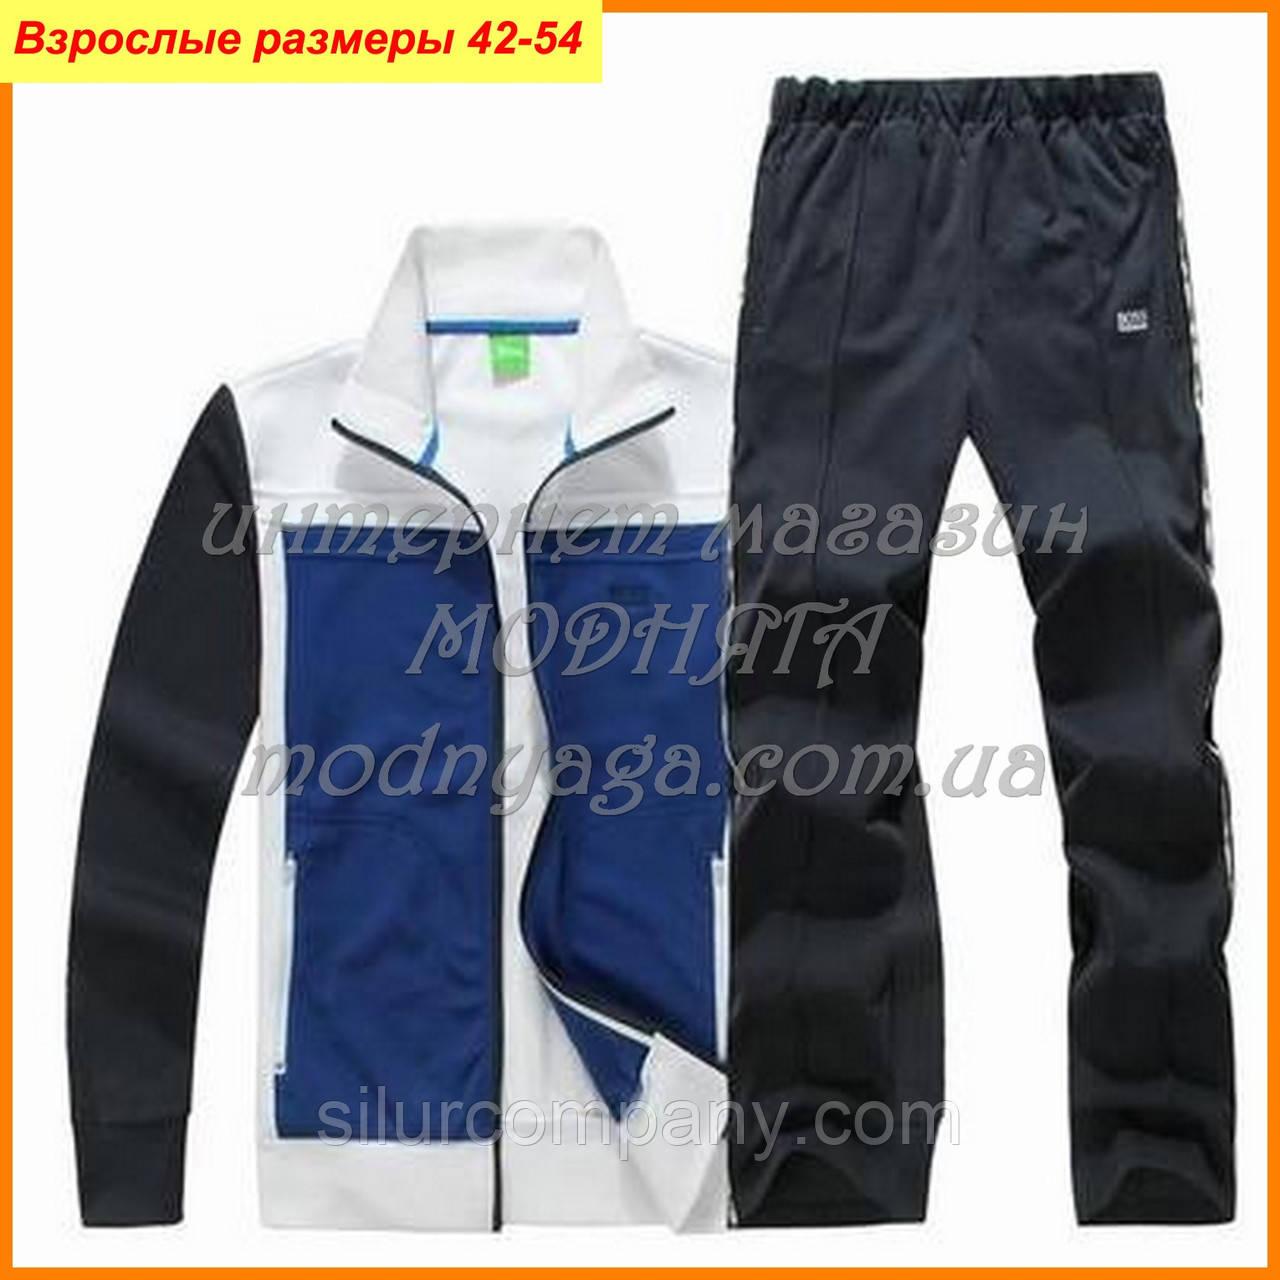 f0fc8fe0 Спортивные костюмы харьков интернет магазин мужские: продажа, цена в ...